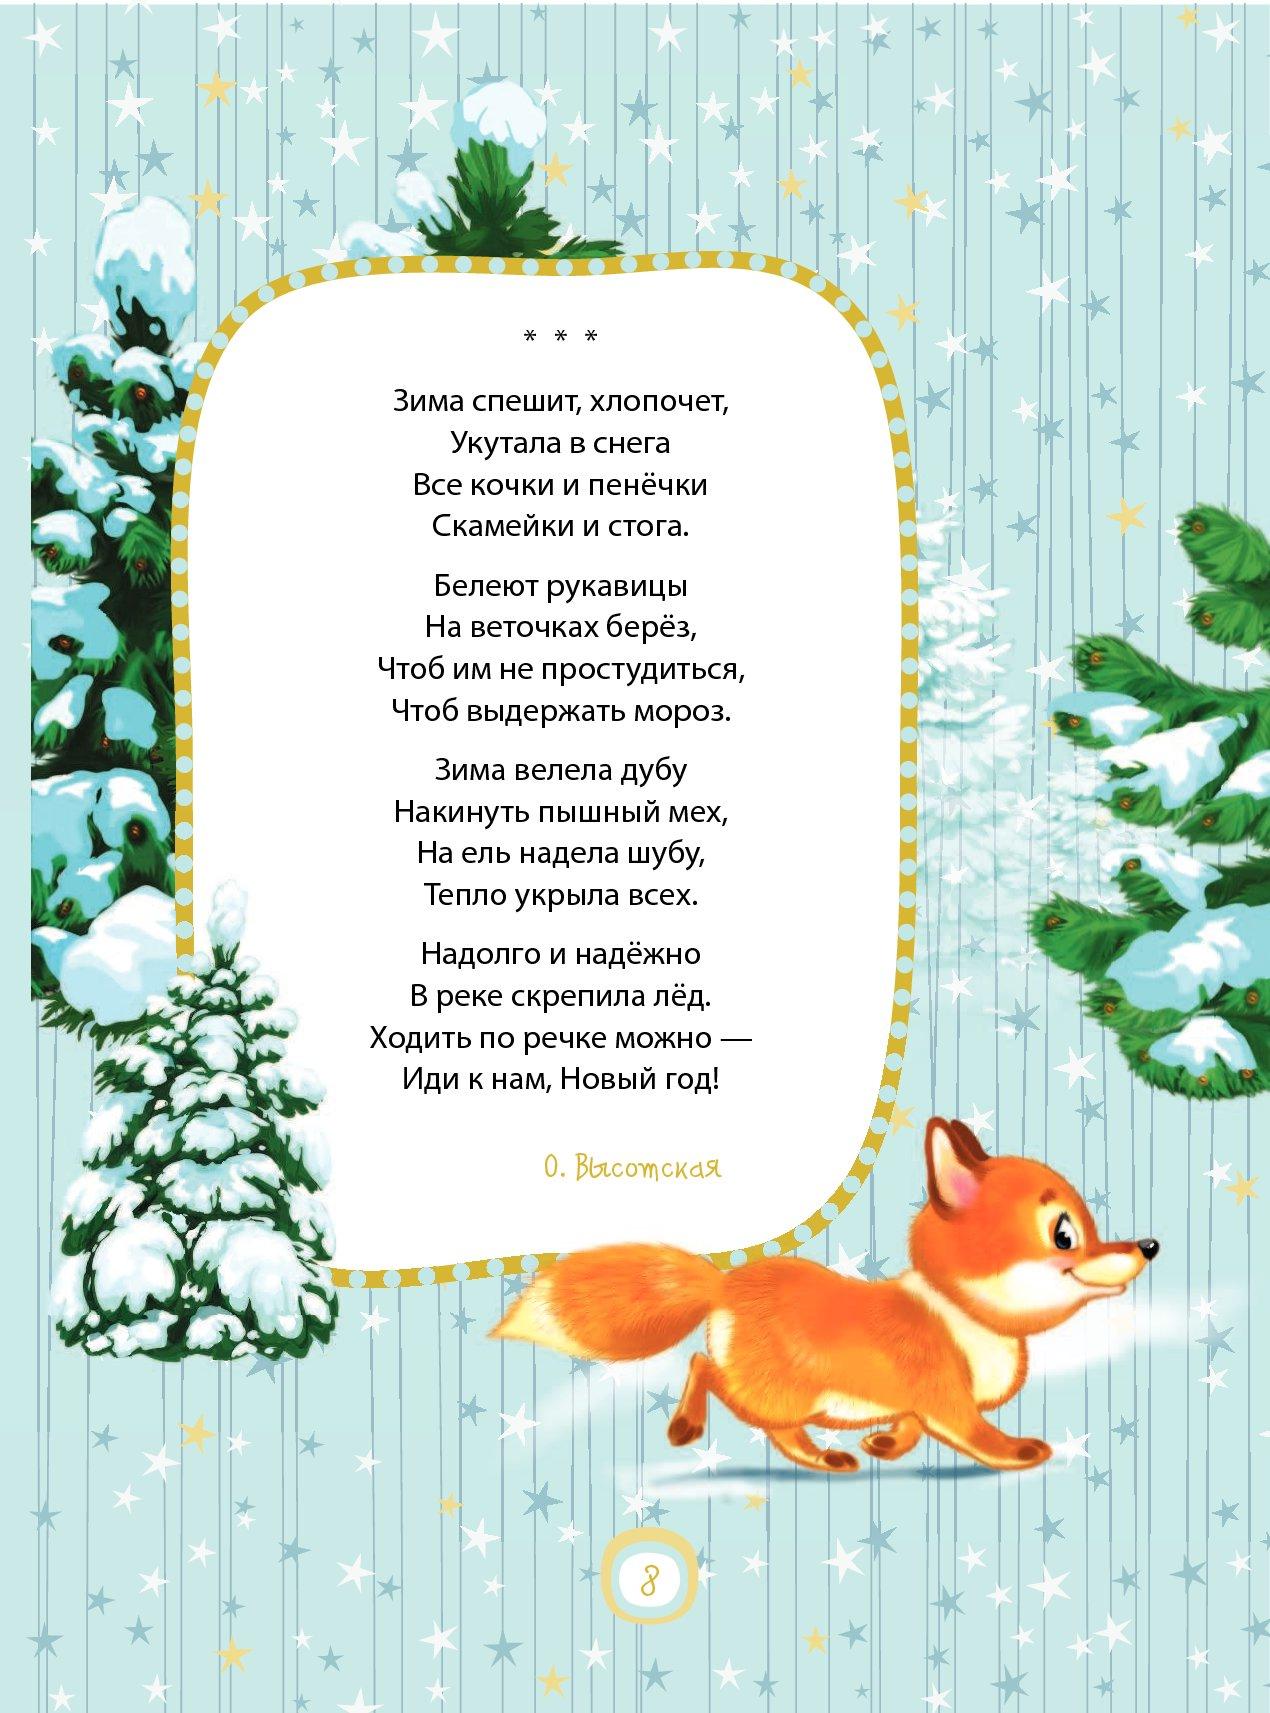 Зимние новогодние стихи классиков